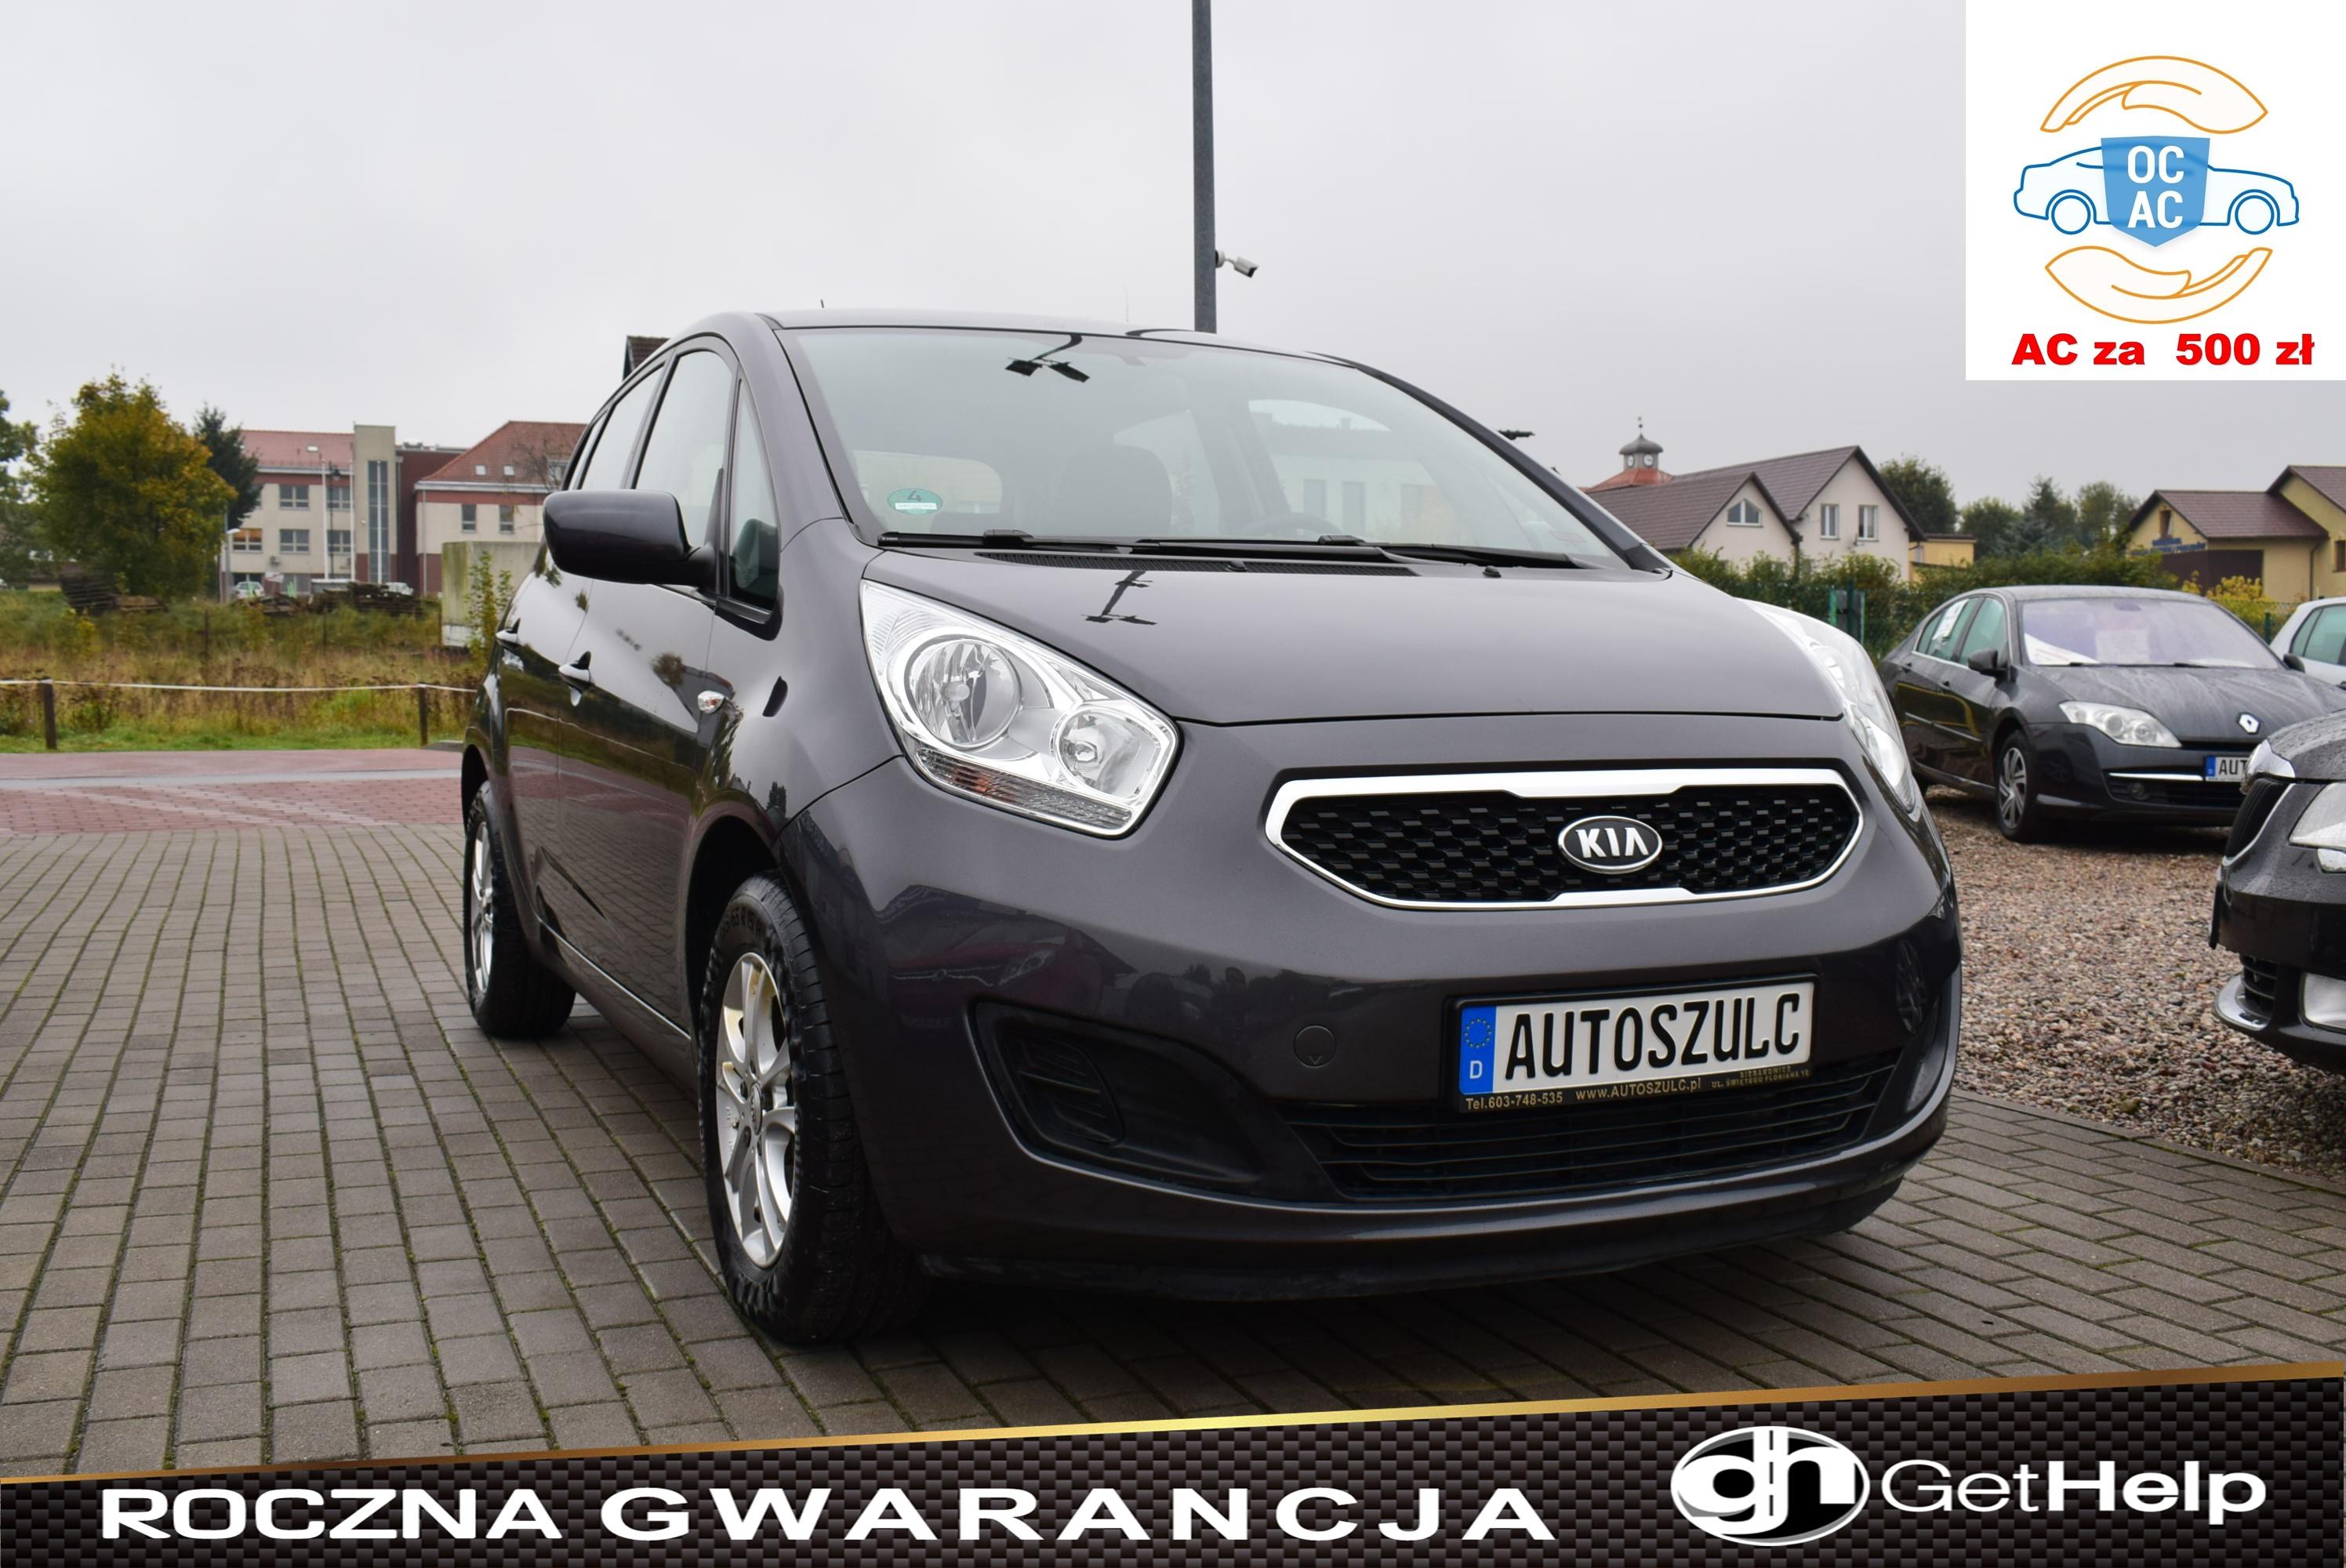 Kia Venga 1.4 Benzyna, Niski Przebieg : 53 tyś km, Modelowo: 2013, Auto jak nowe, Rok Gwarancji